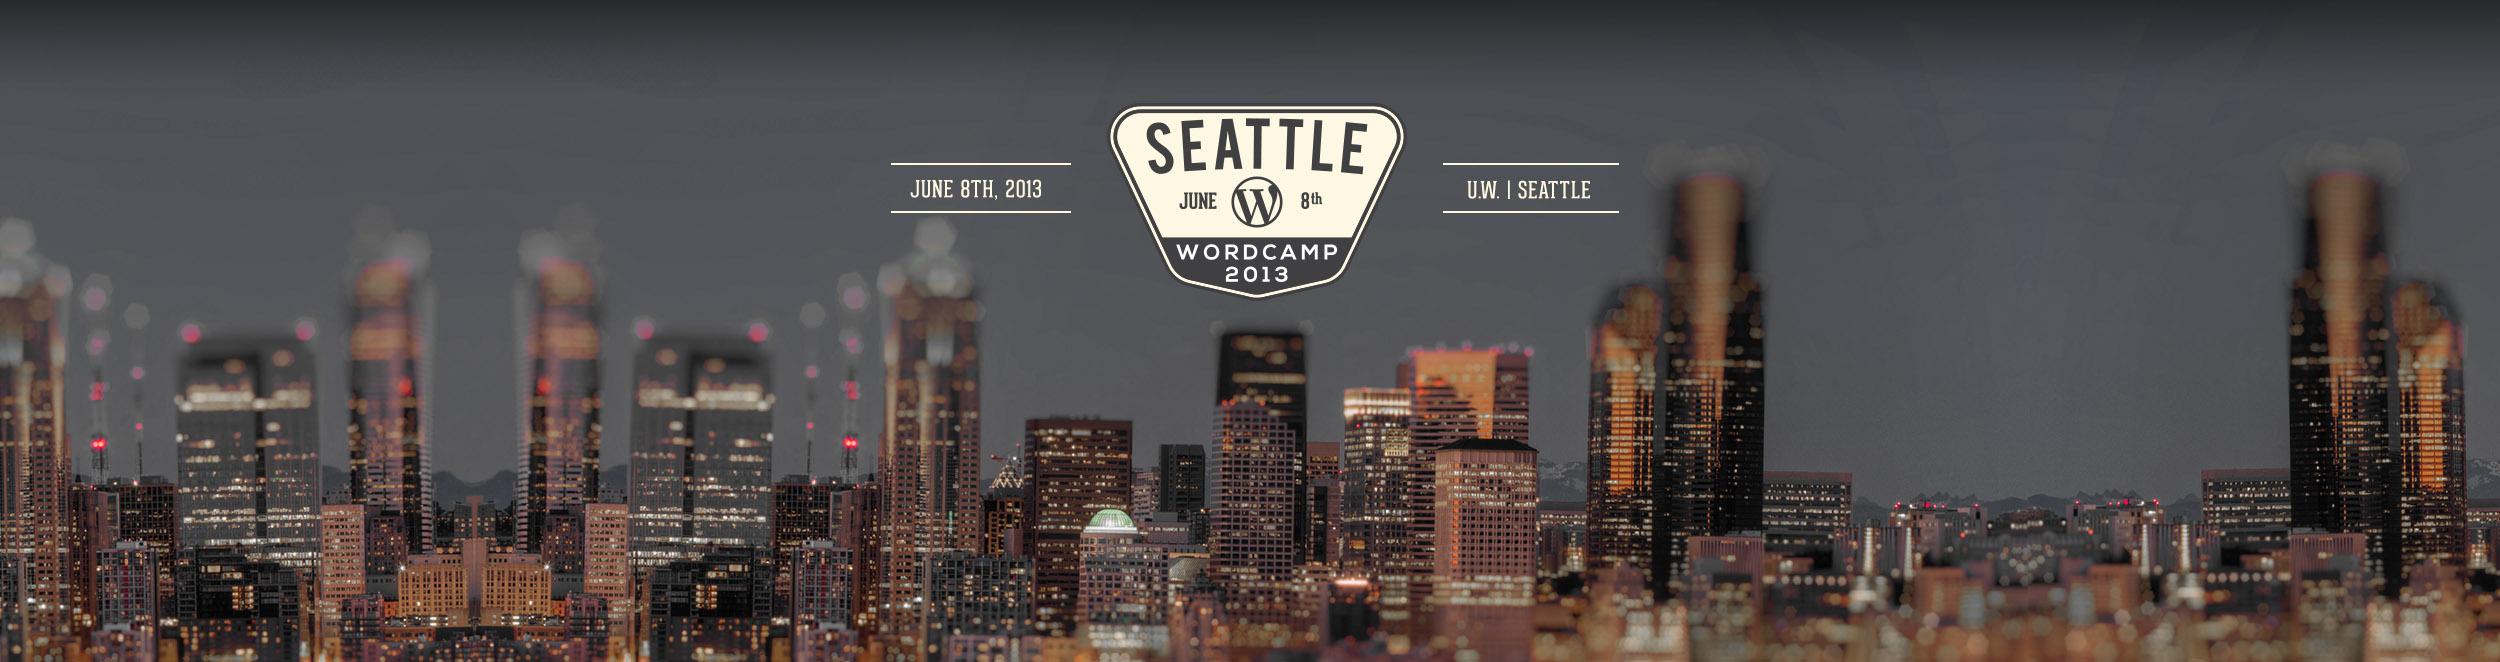 Large WordCamp Hero Image